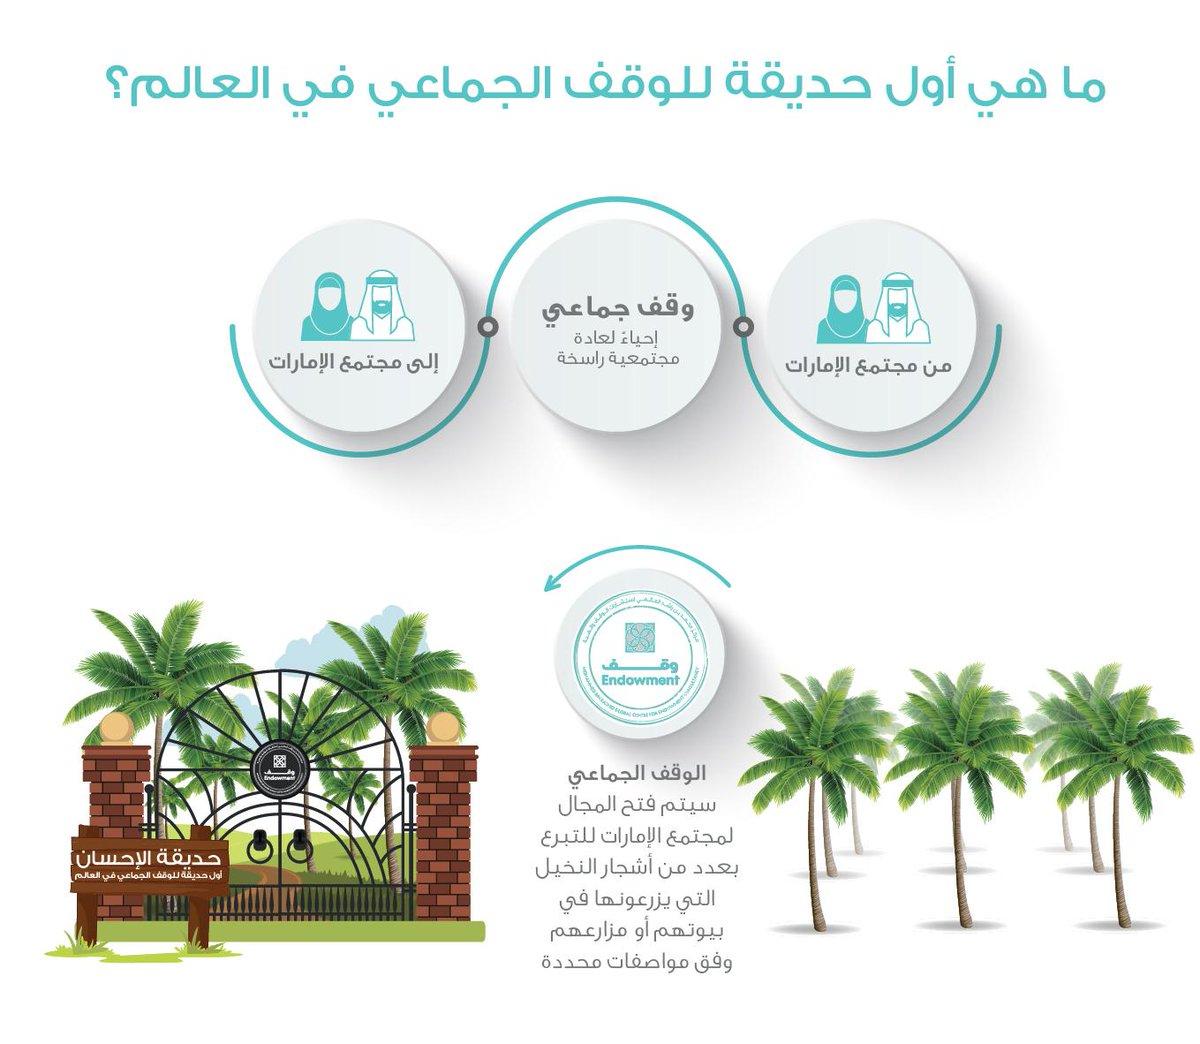 دبي تنشئ أول حديقة خيرية للوقف الجماعي في العالم